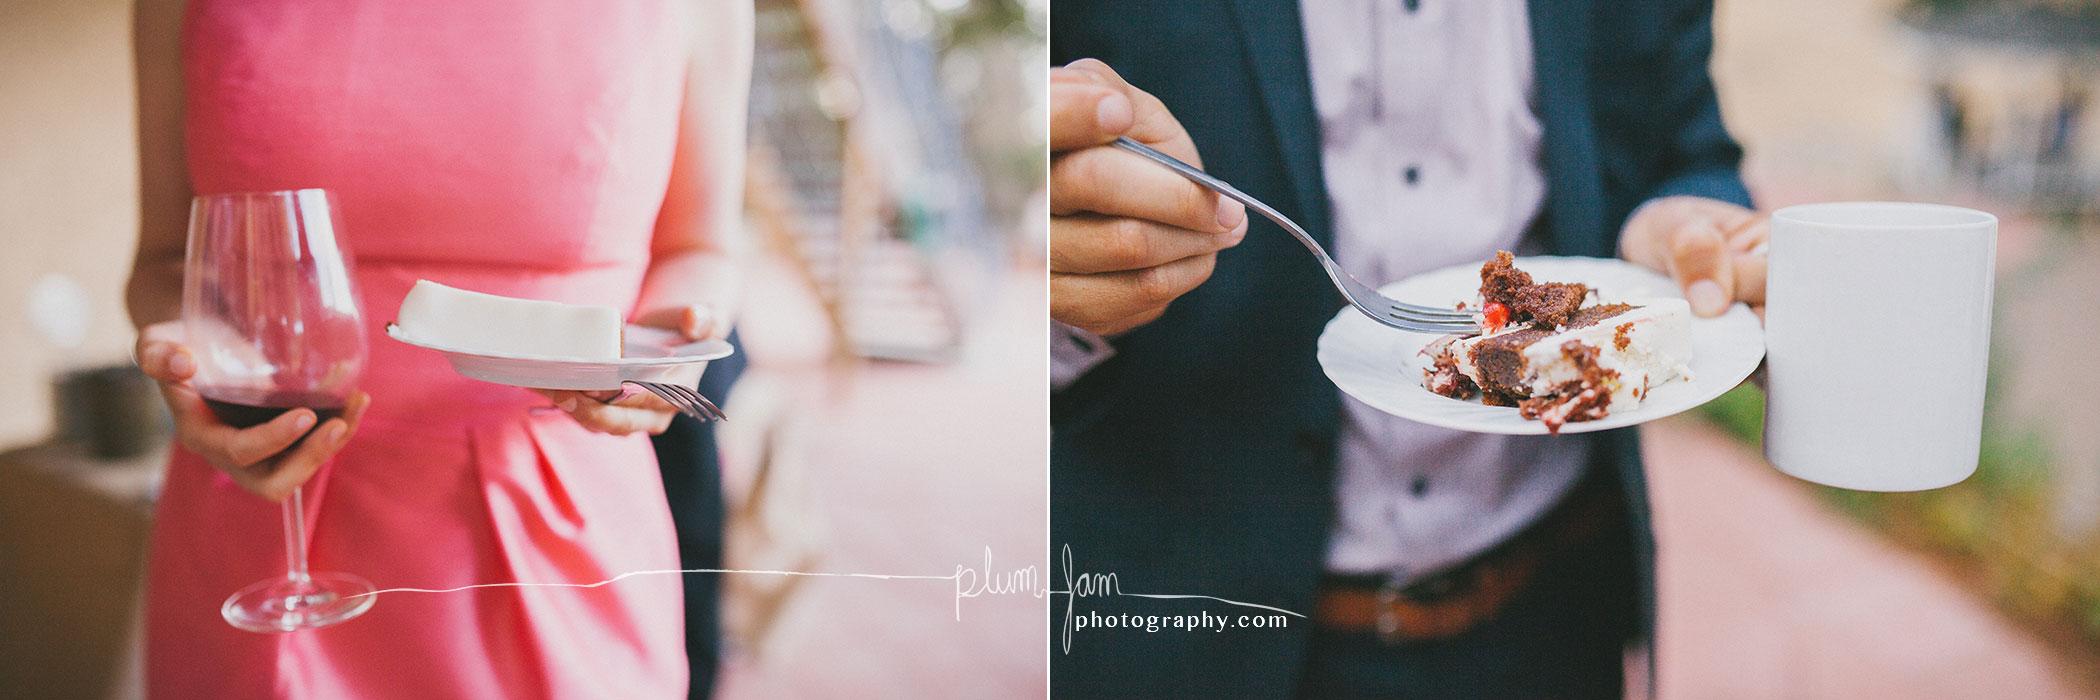 JenCasey-35-PlumJamPhotography